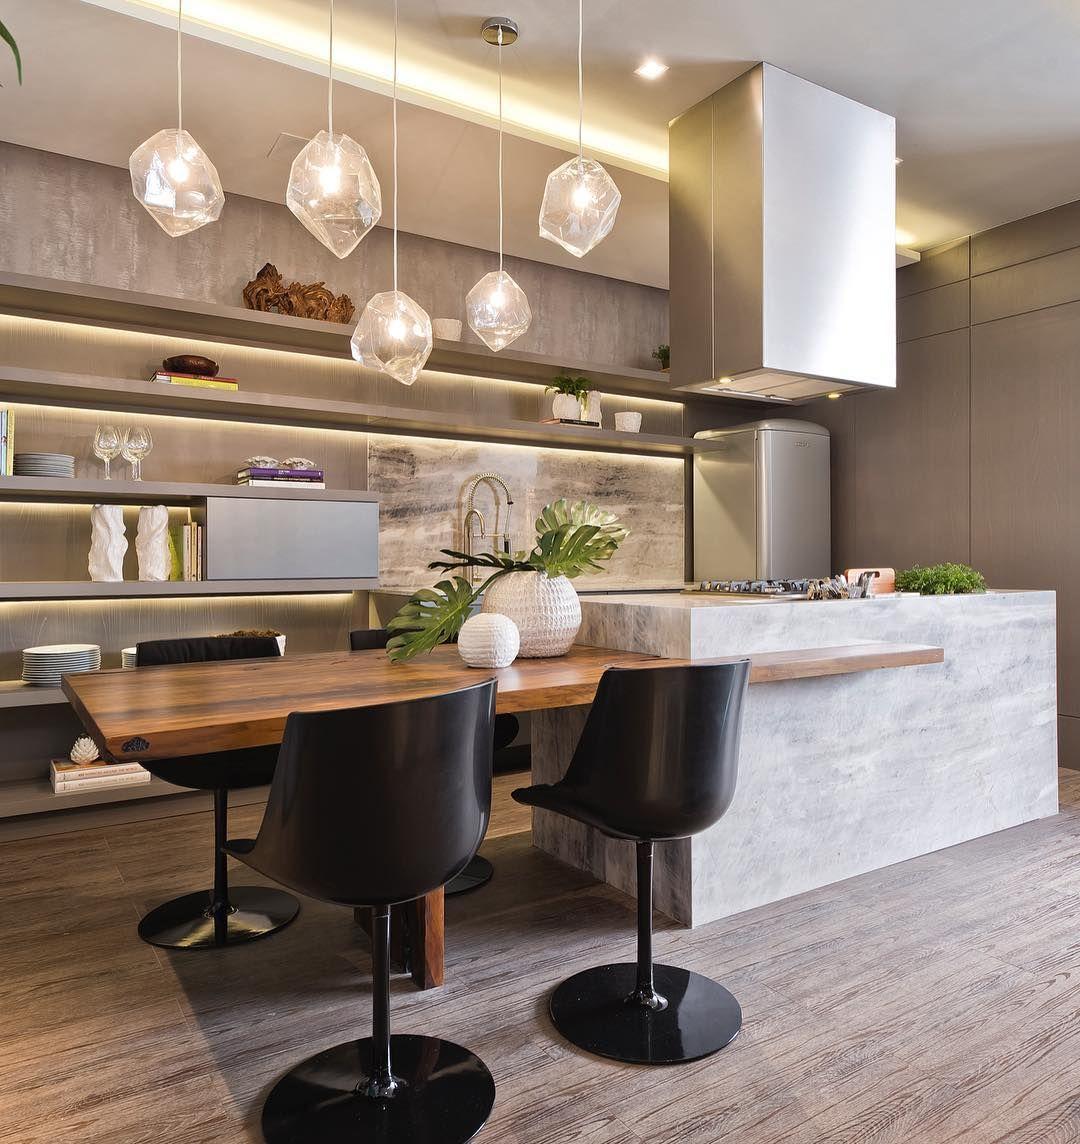 Decora O Cozinha Rea Gourmet Tons Acinzentados Cadeiras Pretas